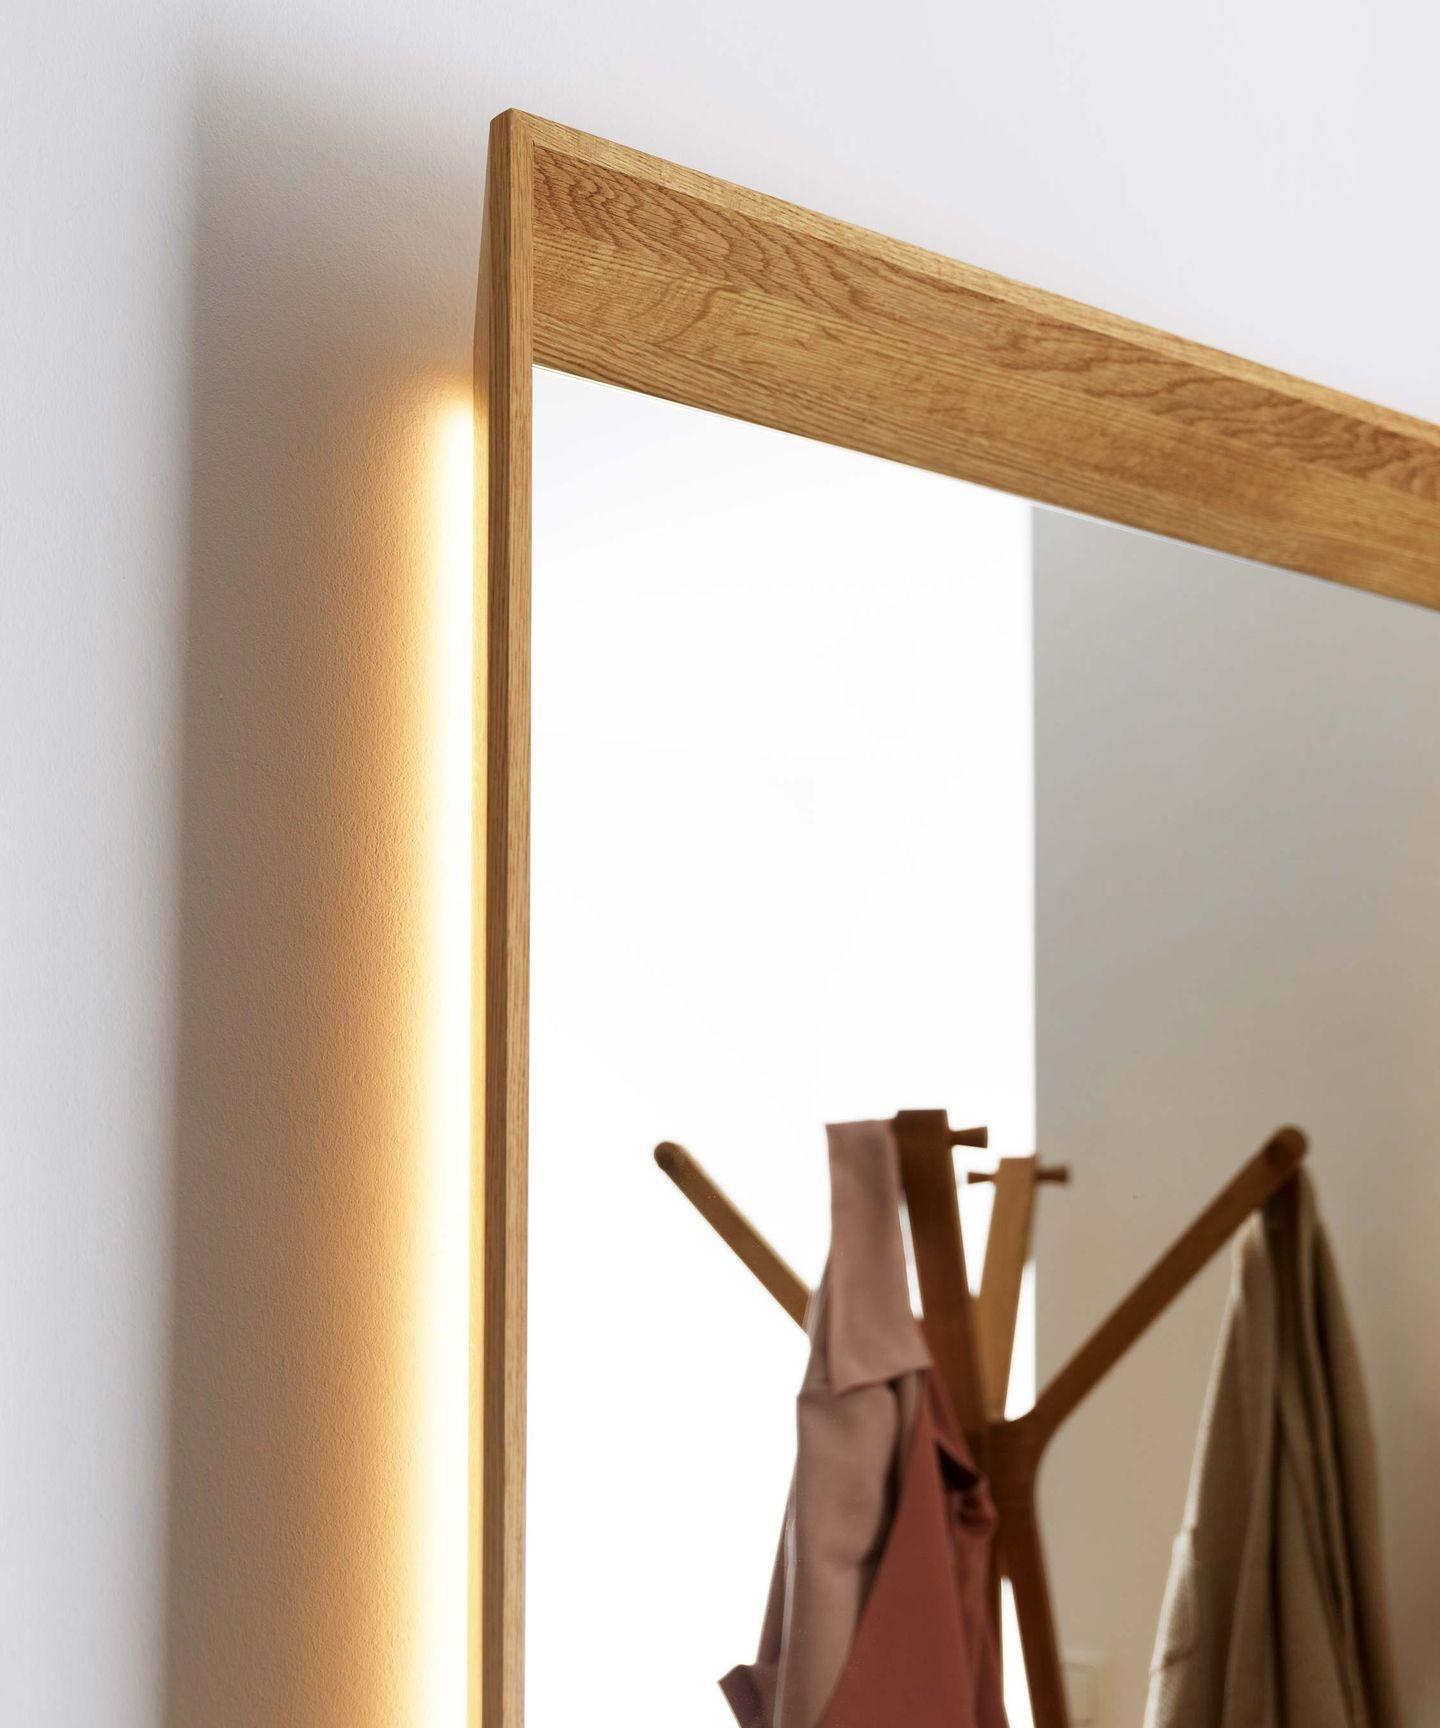 haiku Spiegelpaneel in Eiche mit Beleuchtung